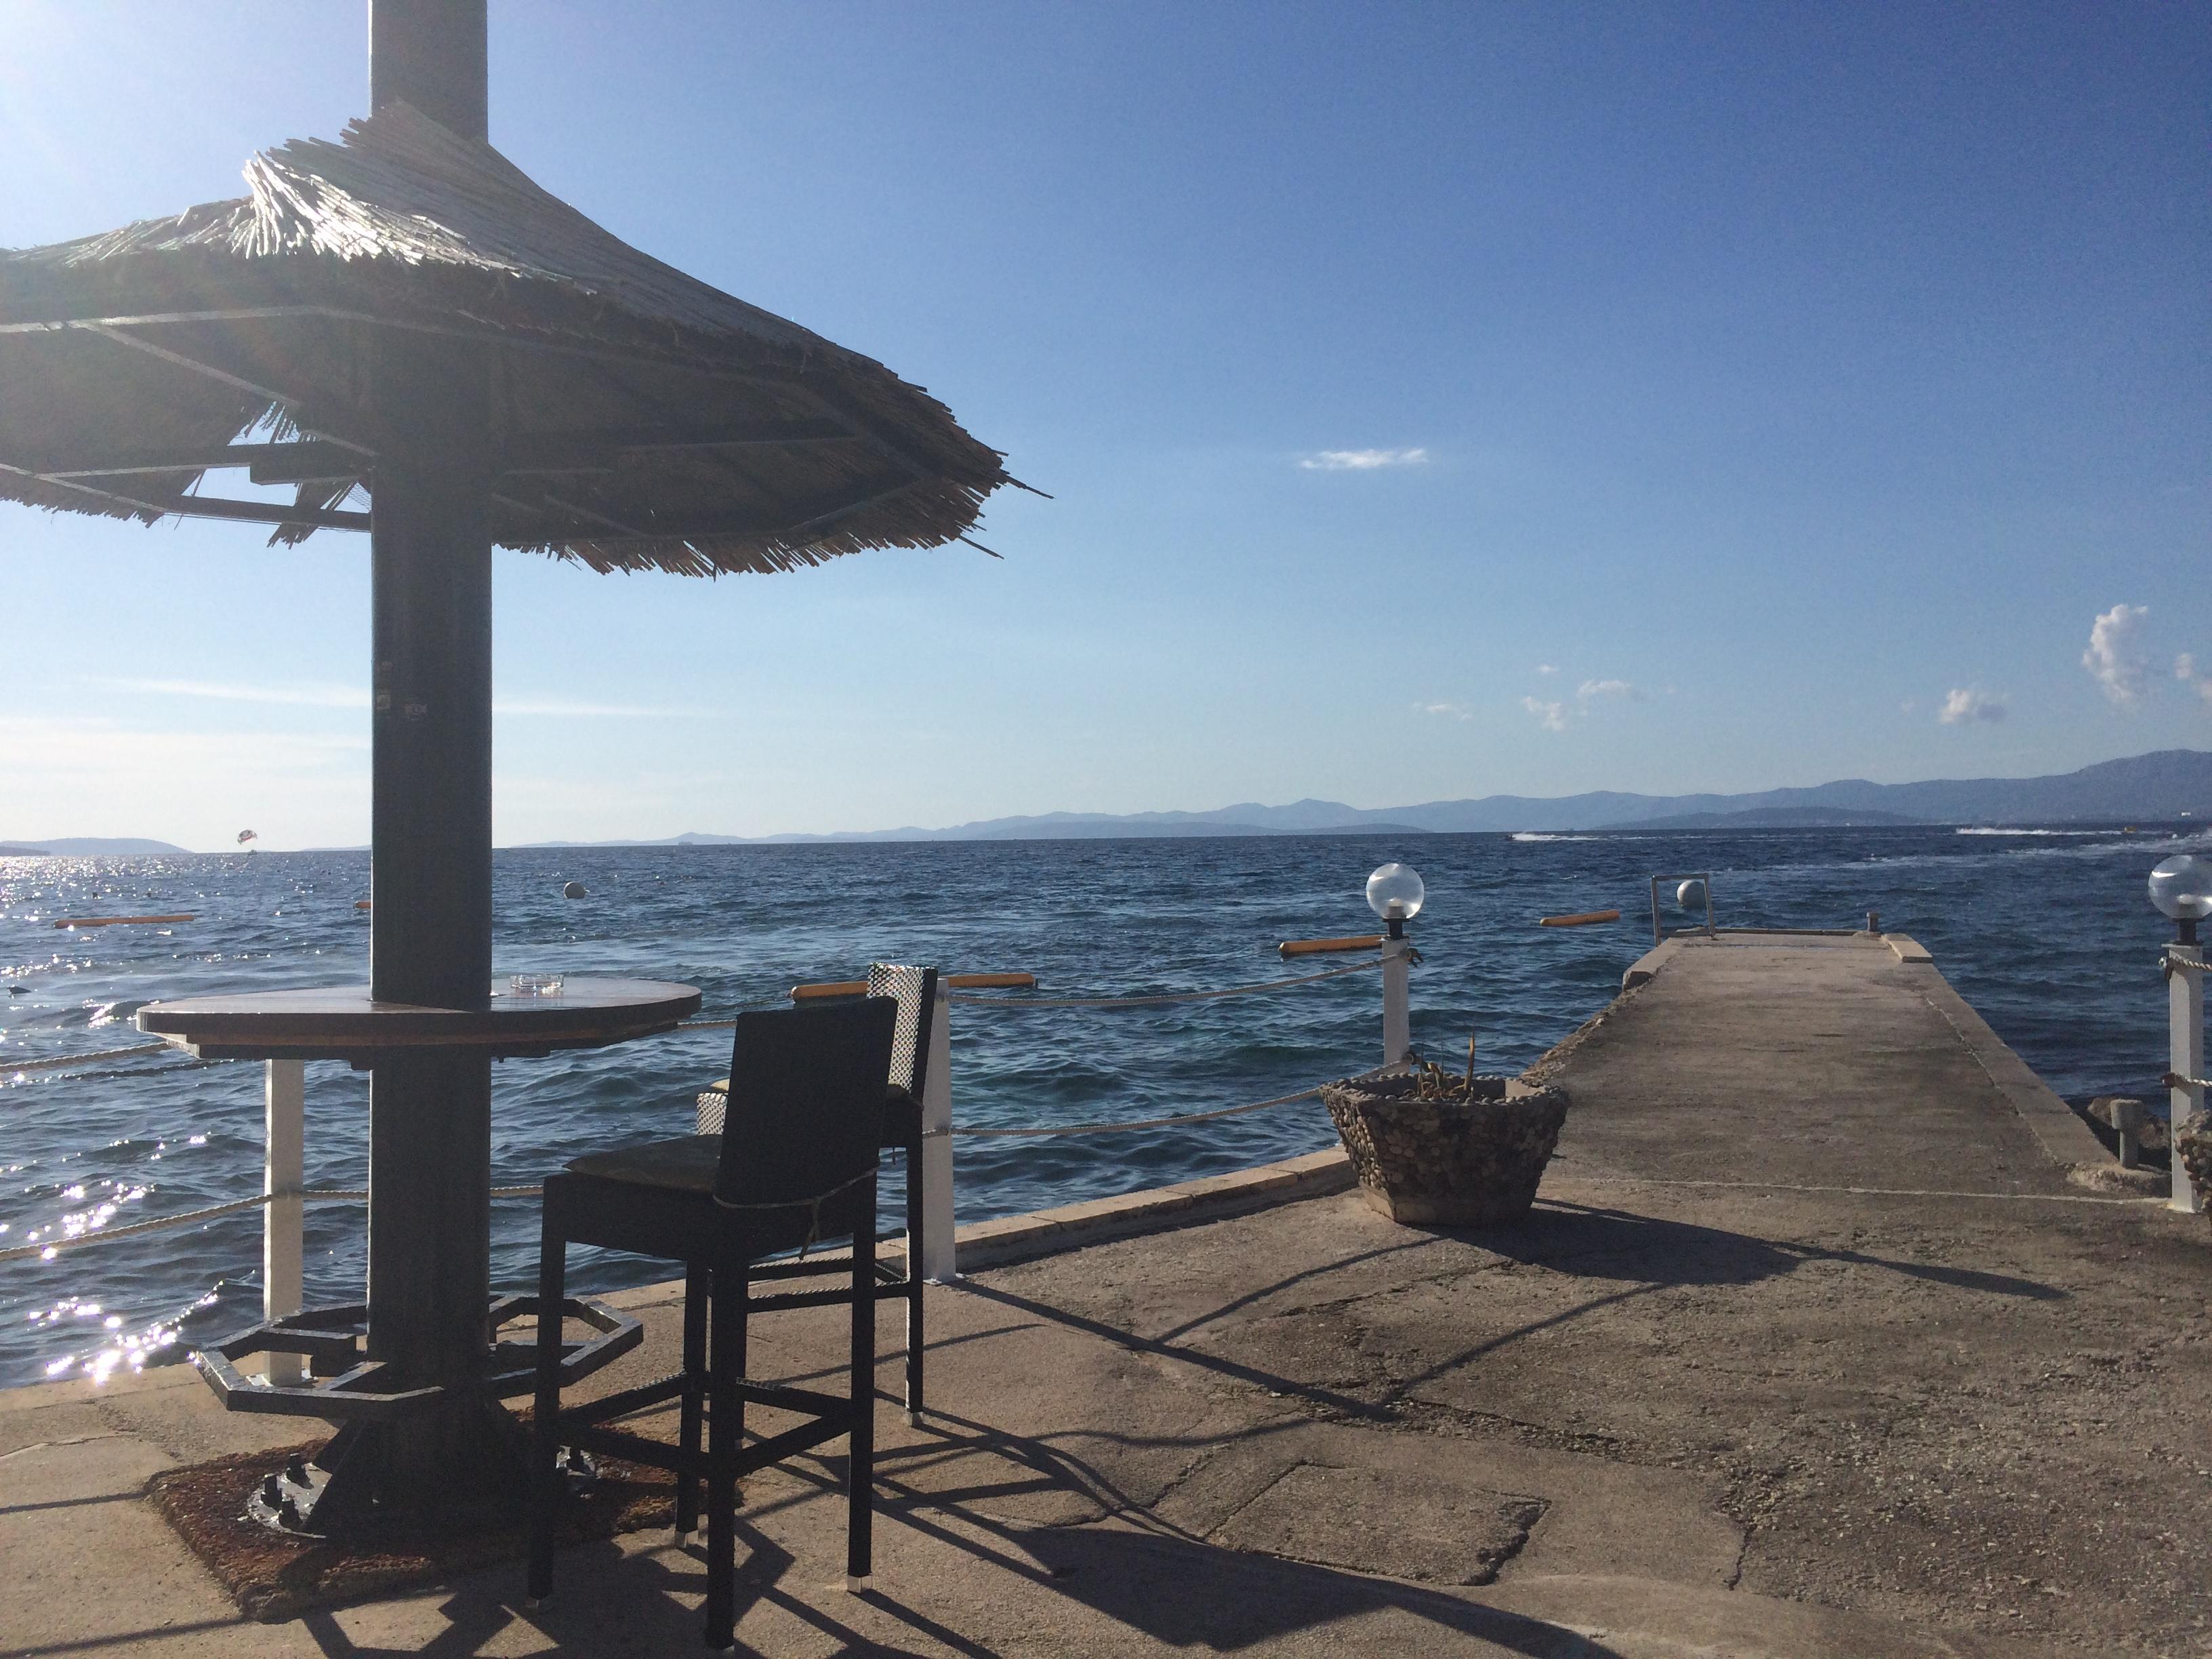 Umbrella beach seaside Croatia